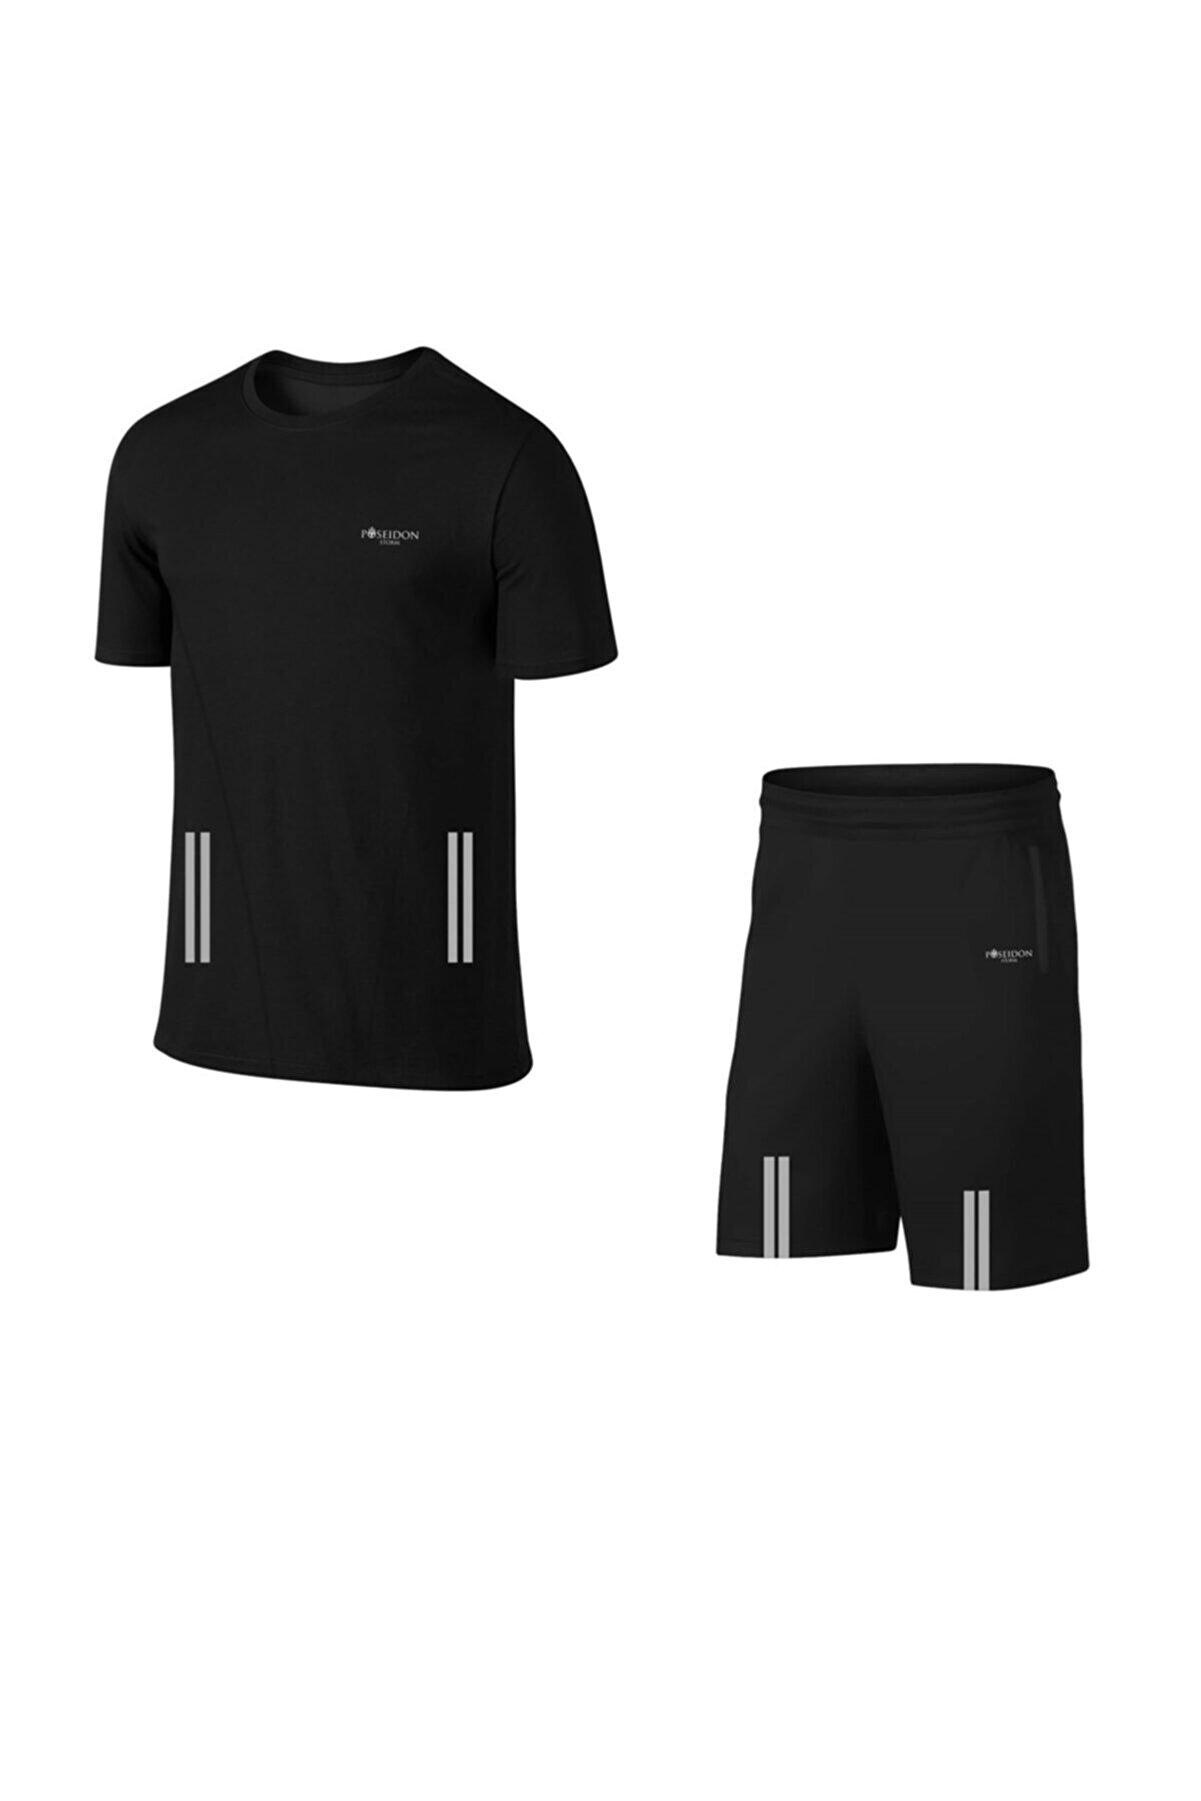 POSEIDONSTORM Erkek Siyah Günlük Sporcu Tişört Ve Şort Takımı S-3xl - Flexo Çift Şerit - Md7